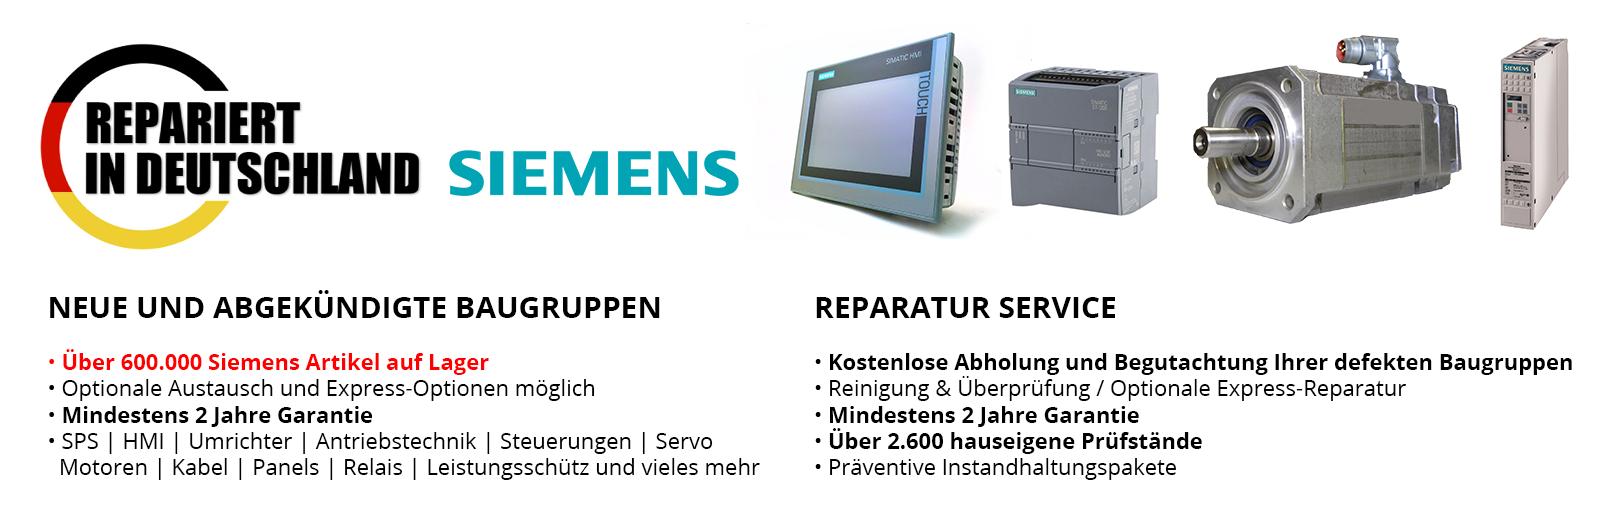 Radwell-Repariert-in-Deutschland-Siemens